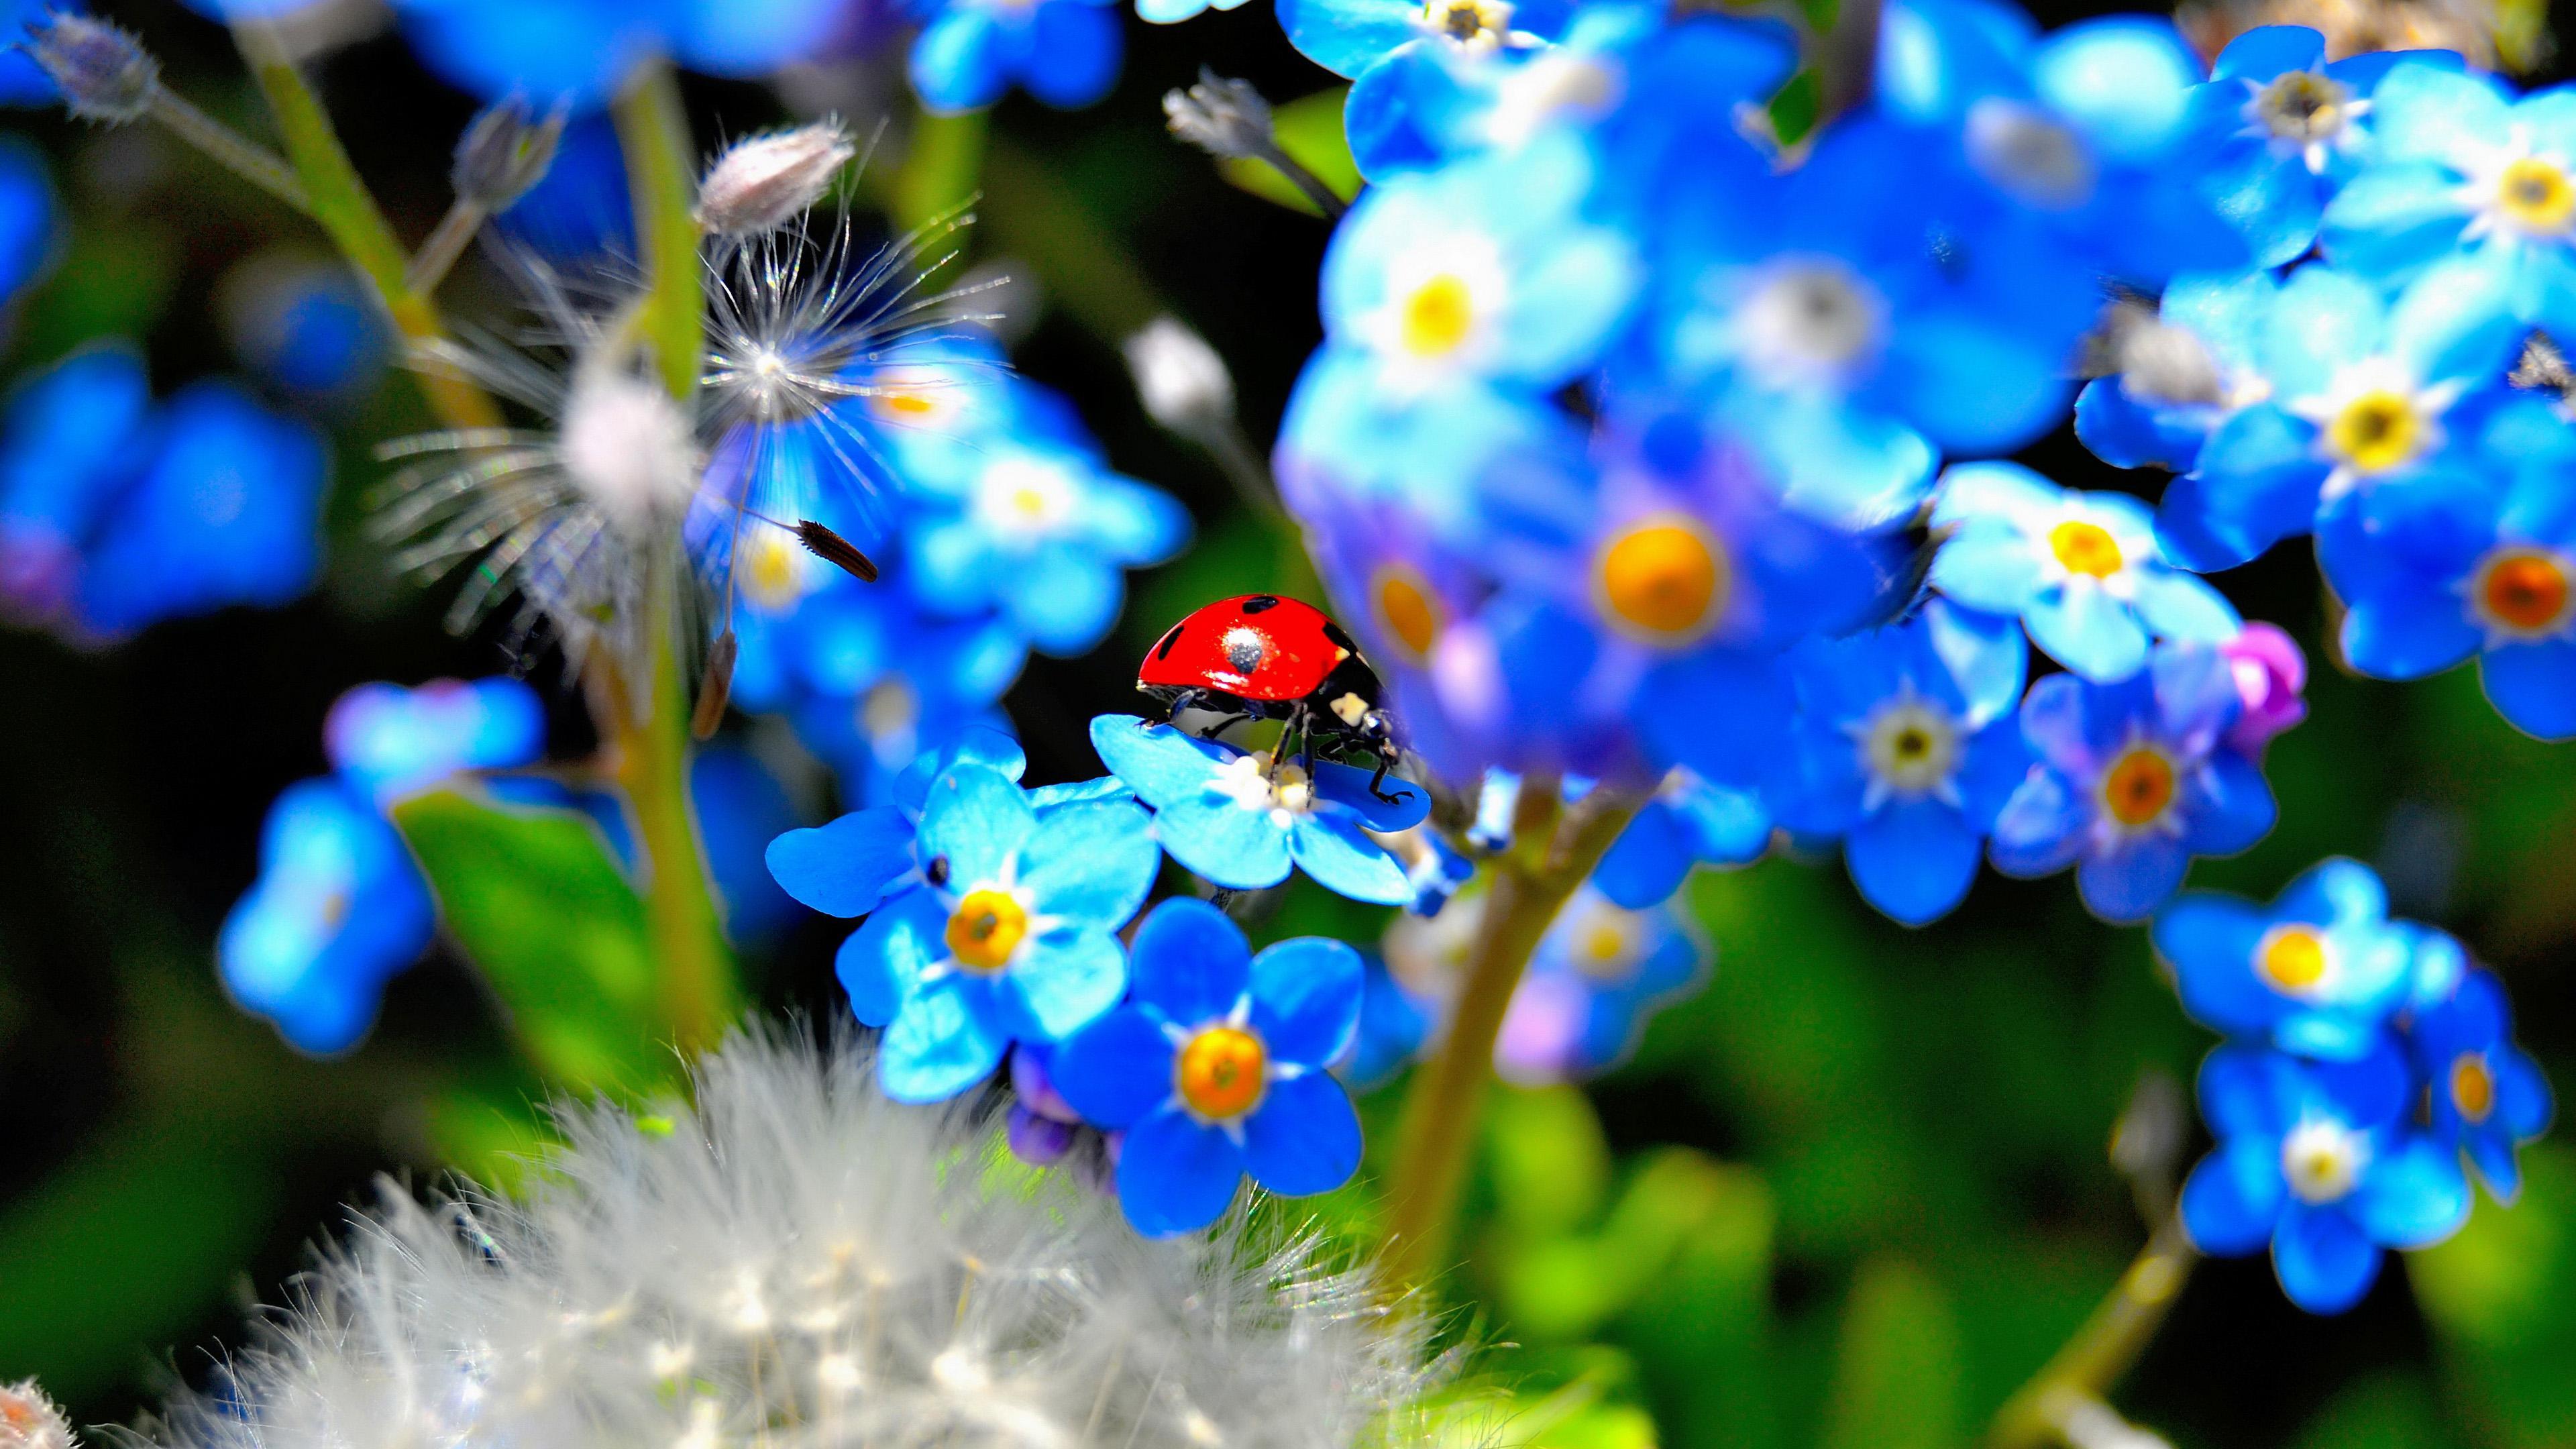 синие цветы незабудки крупный план роса смотреть